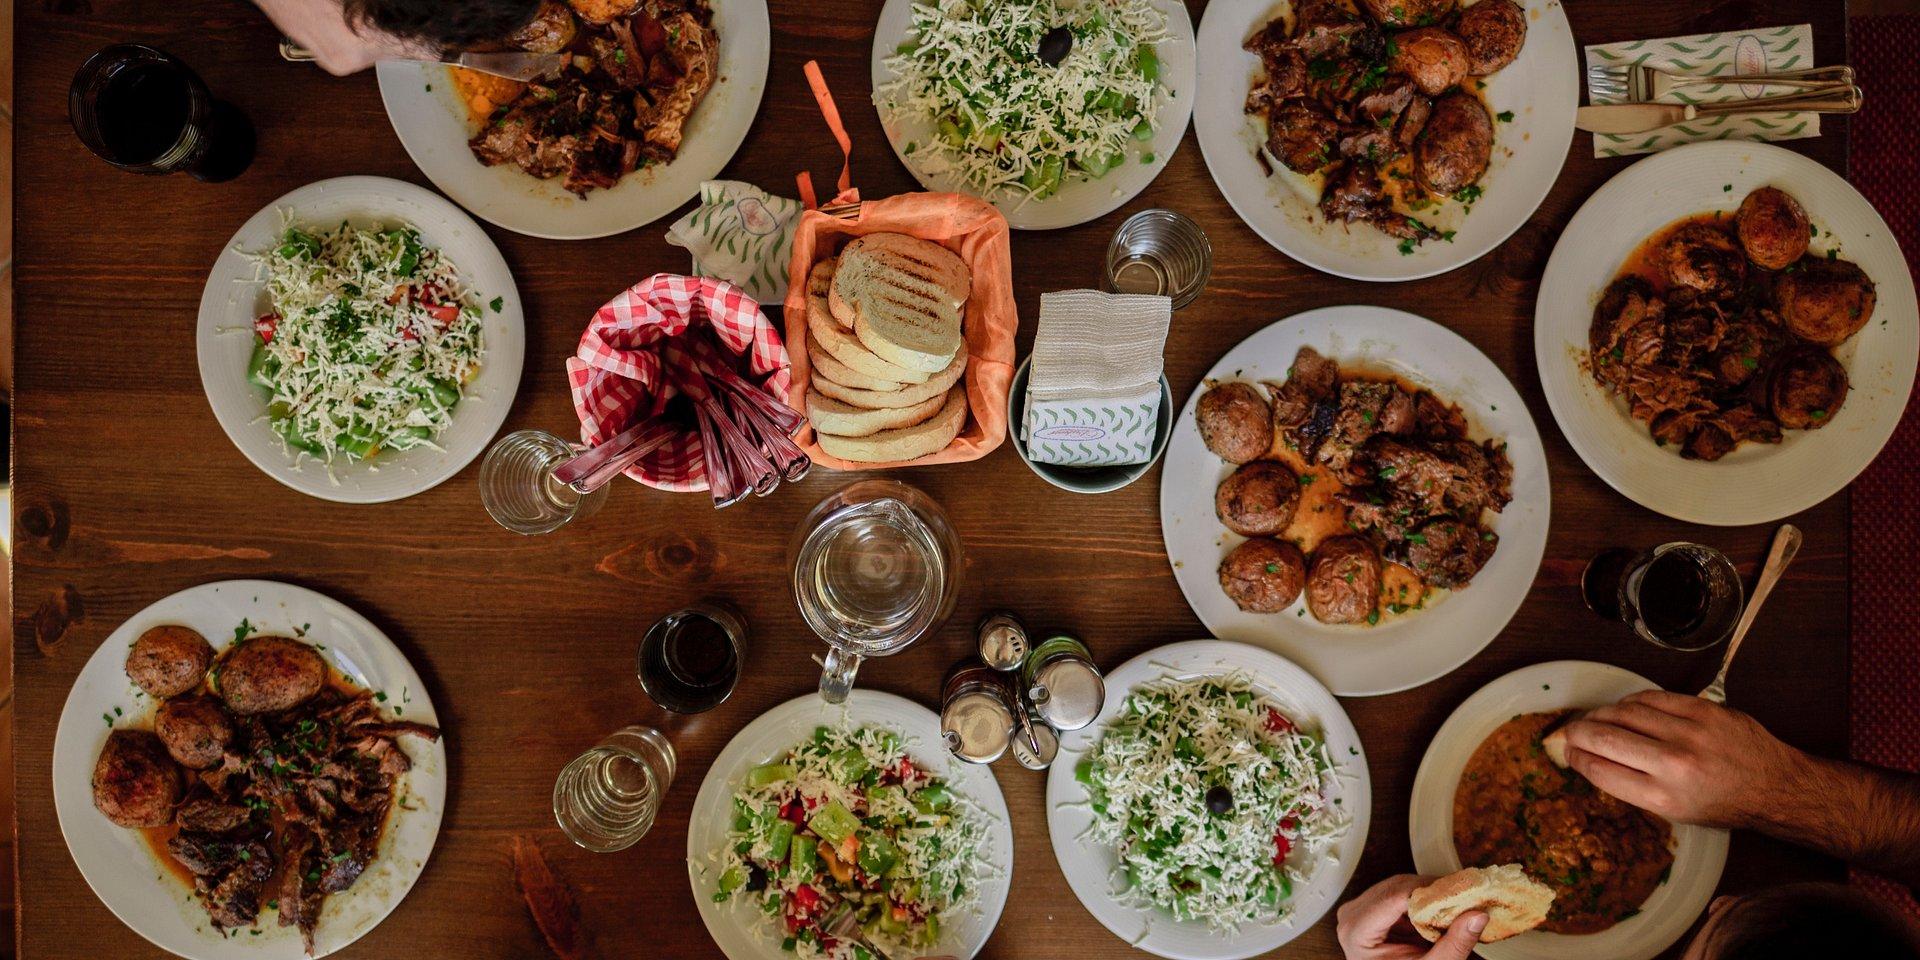 Intolleranze alimentari: i consigli di MioDottore per godersi in tutta libertà i piaceri della tavola